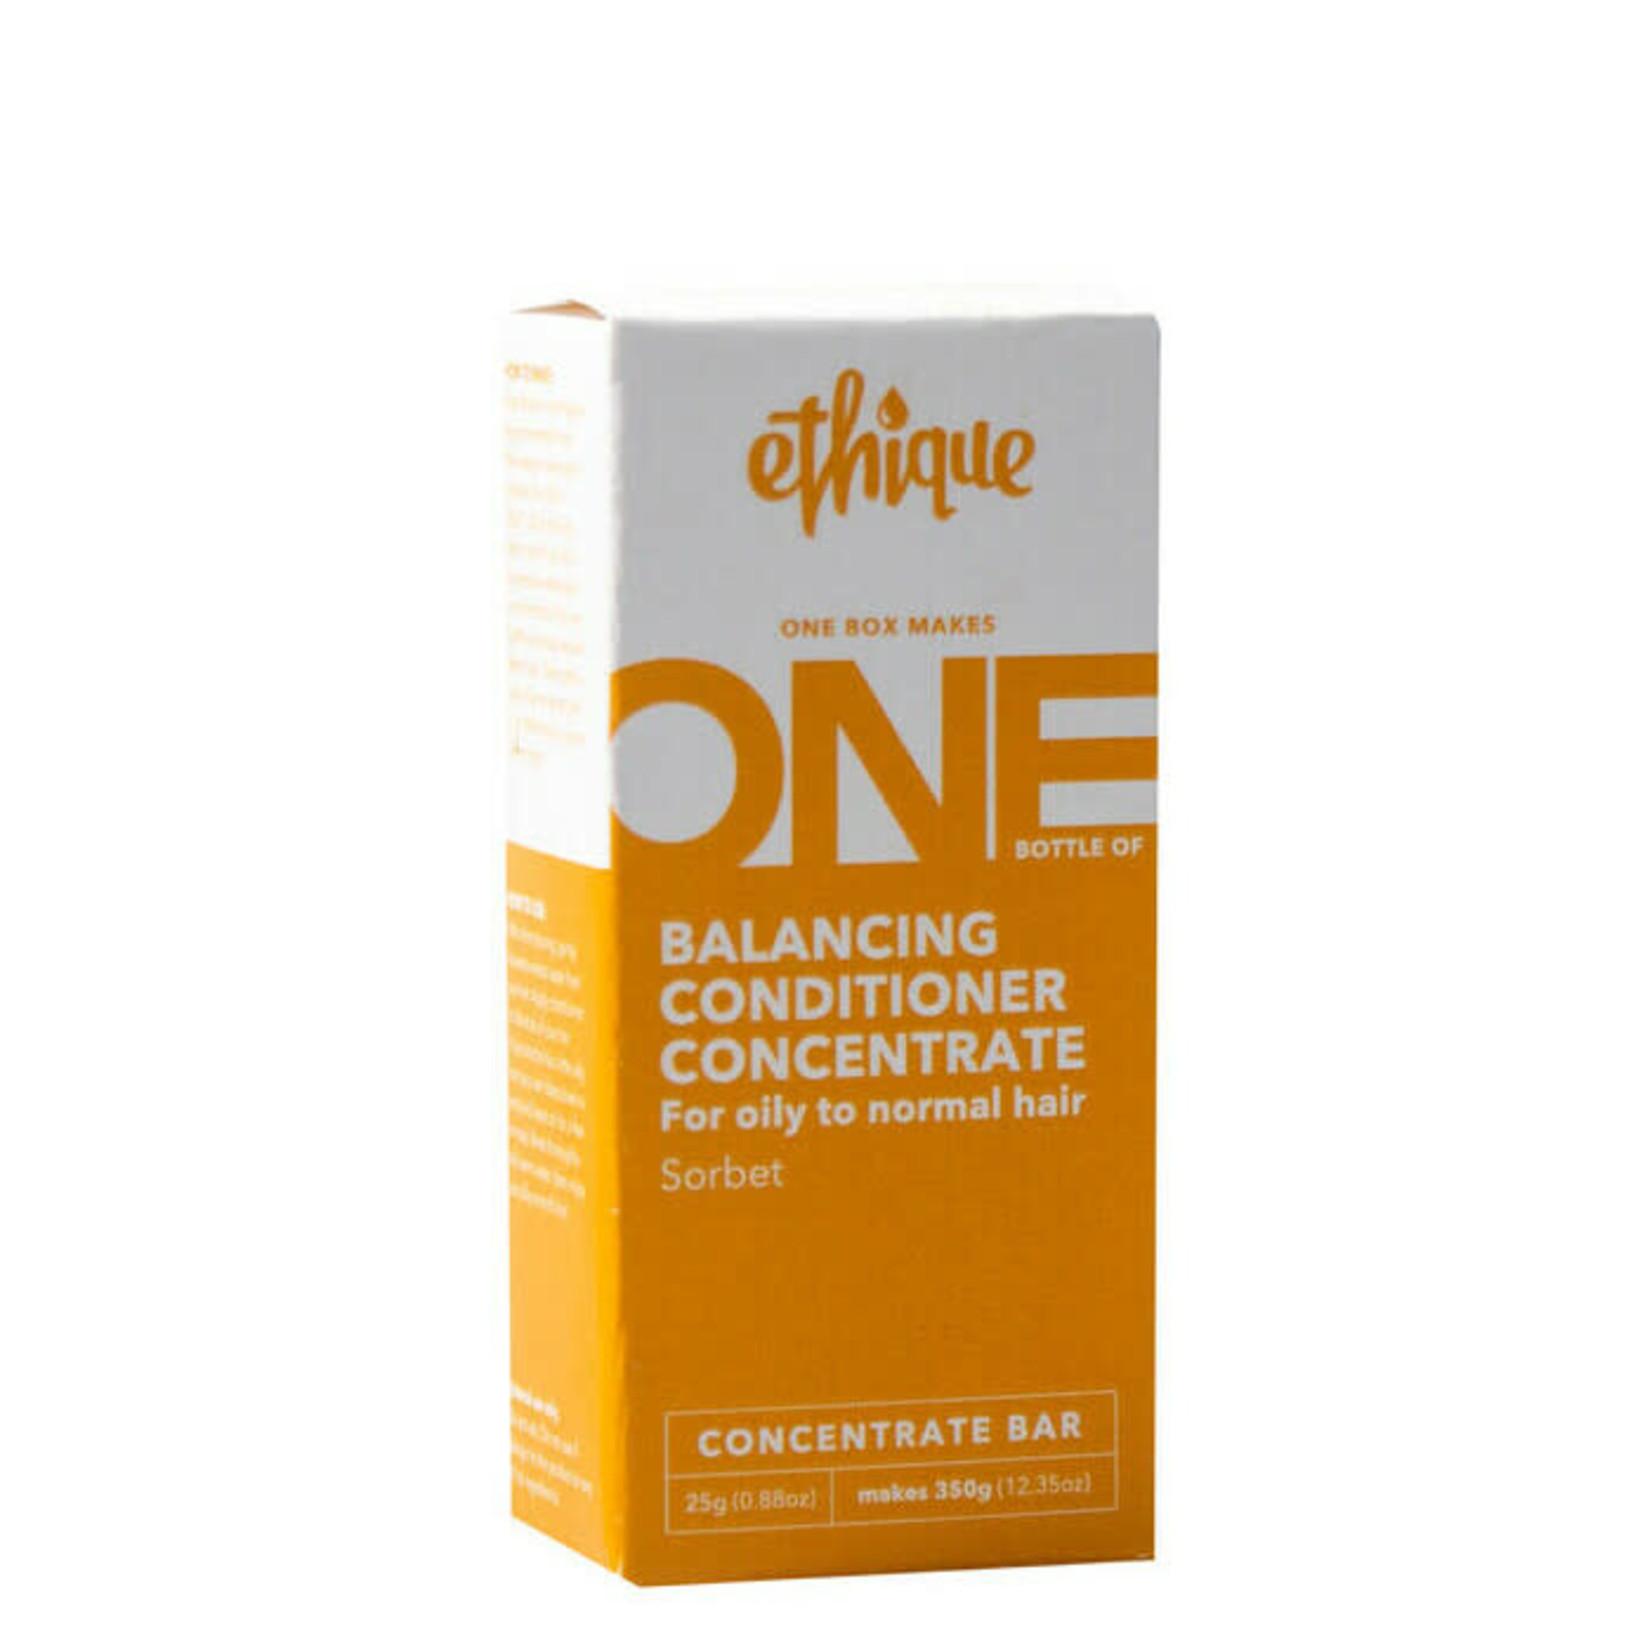 Ethique Ethique Conditioner Concentrate Bar Sorbet